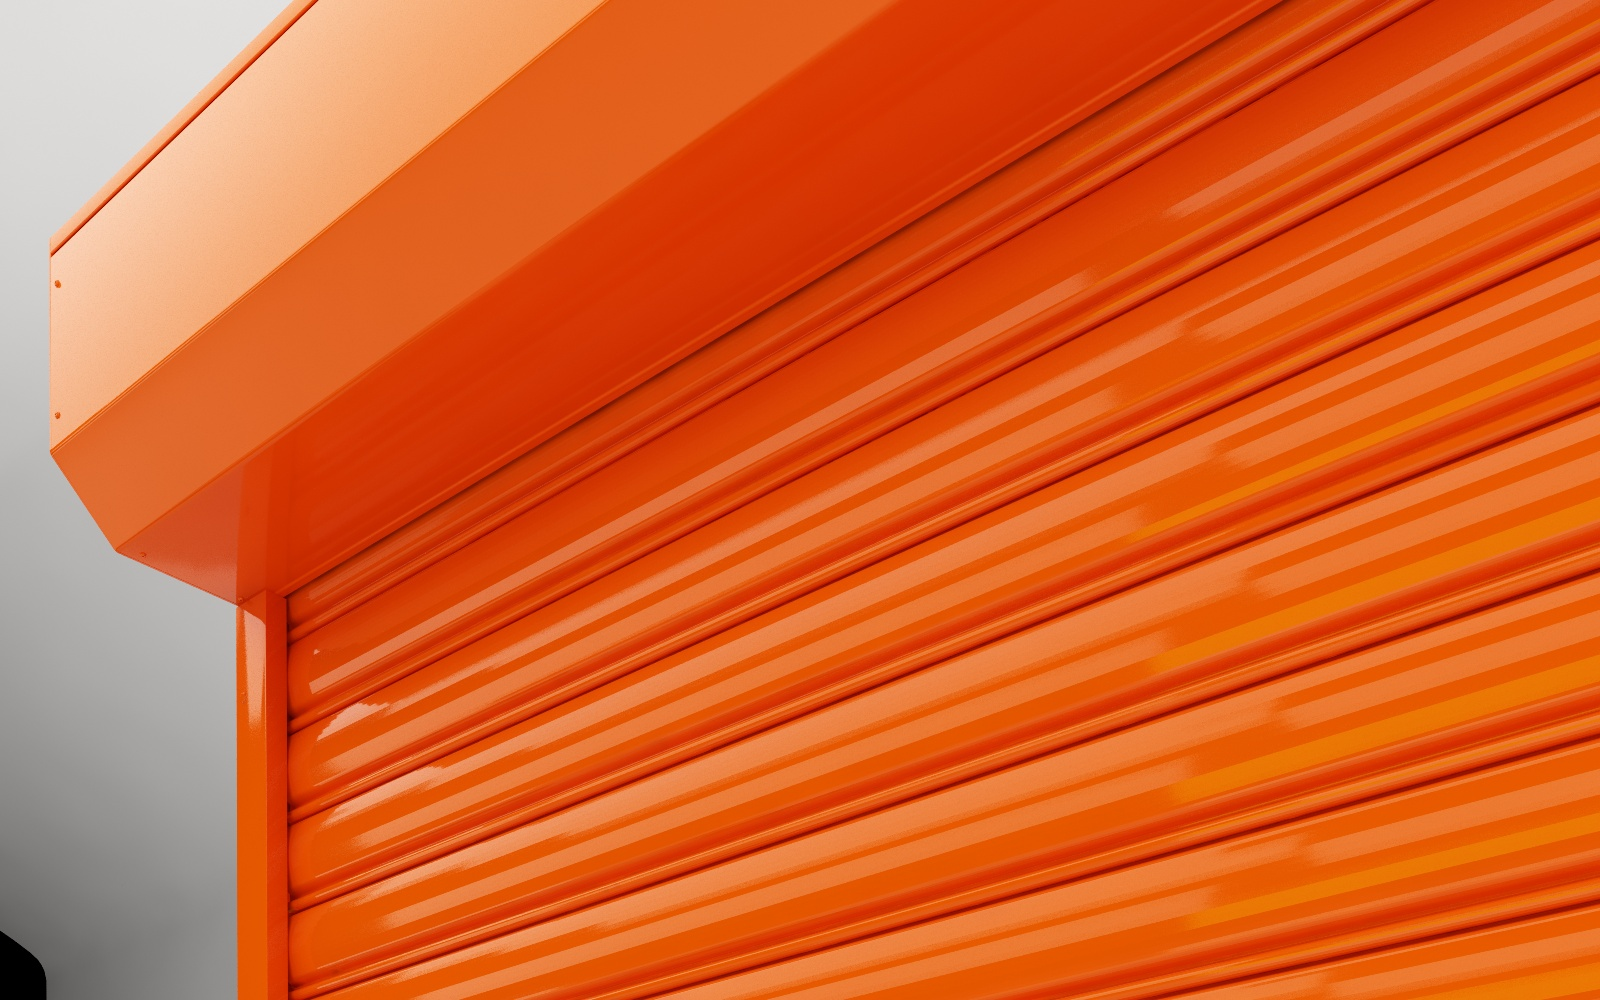 שערים אוטומטיים בכל מיני צבעים מחירים